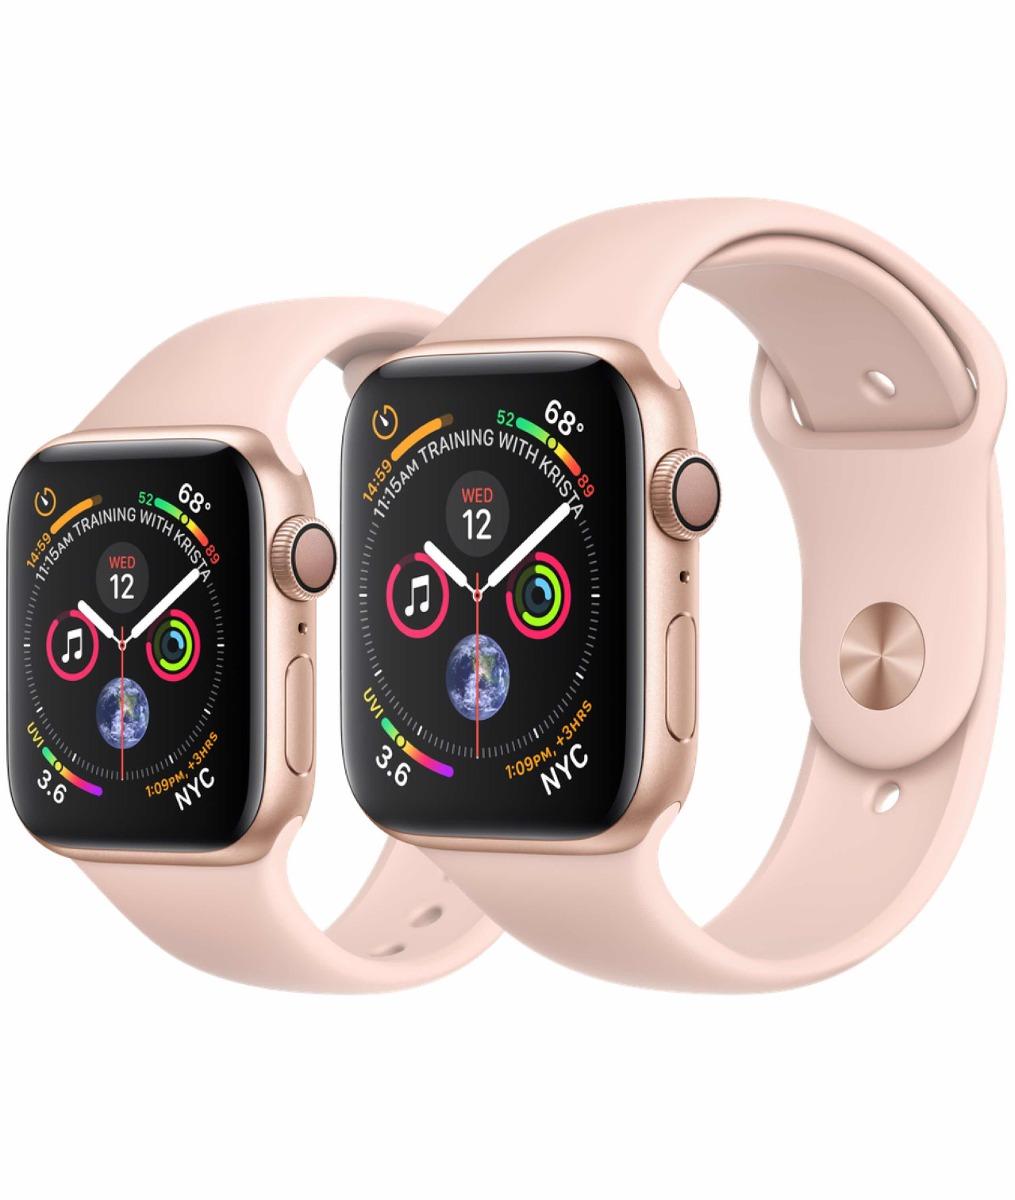 f51039b582e lançamento relógio watch apple s4 série 4 gold 40 gps. Carregando zoom.